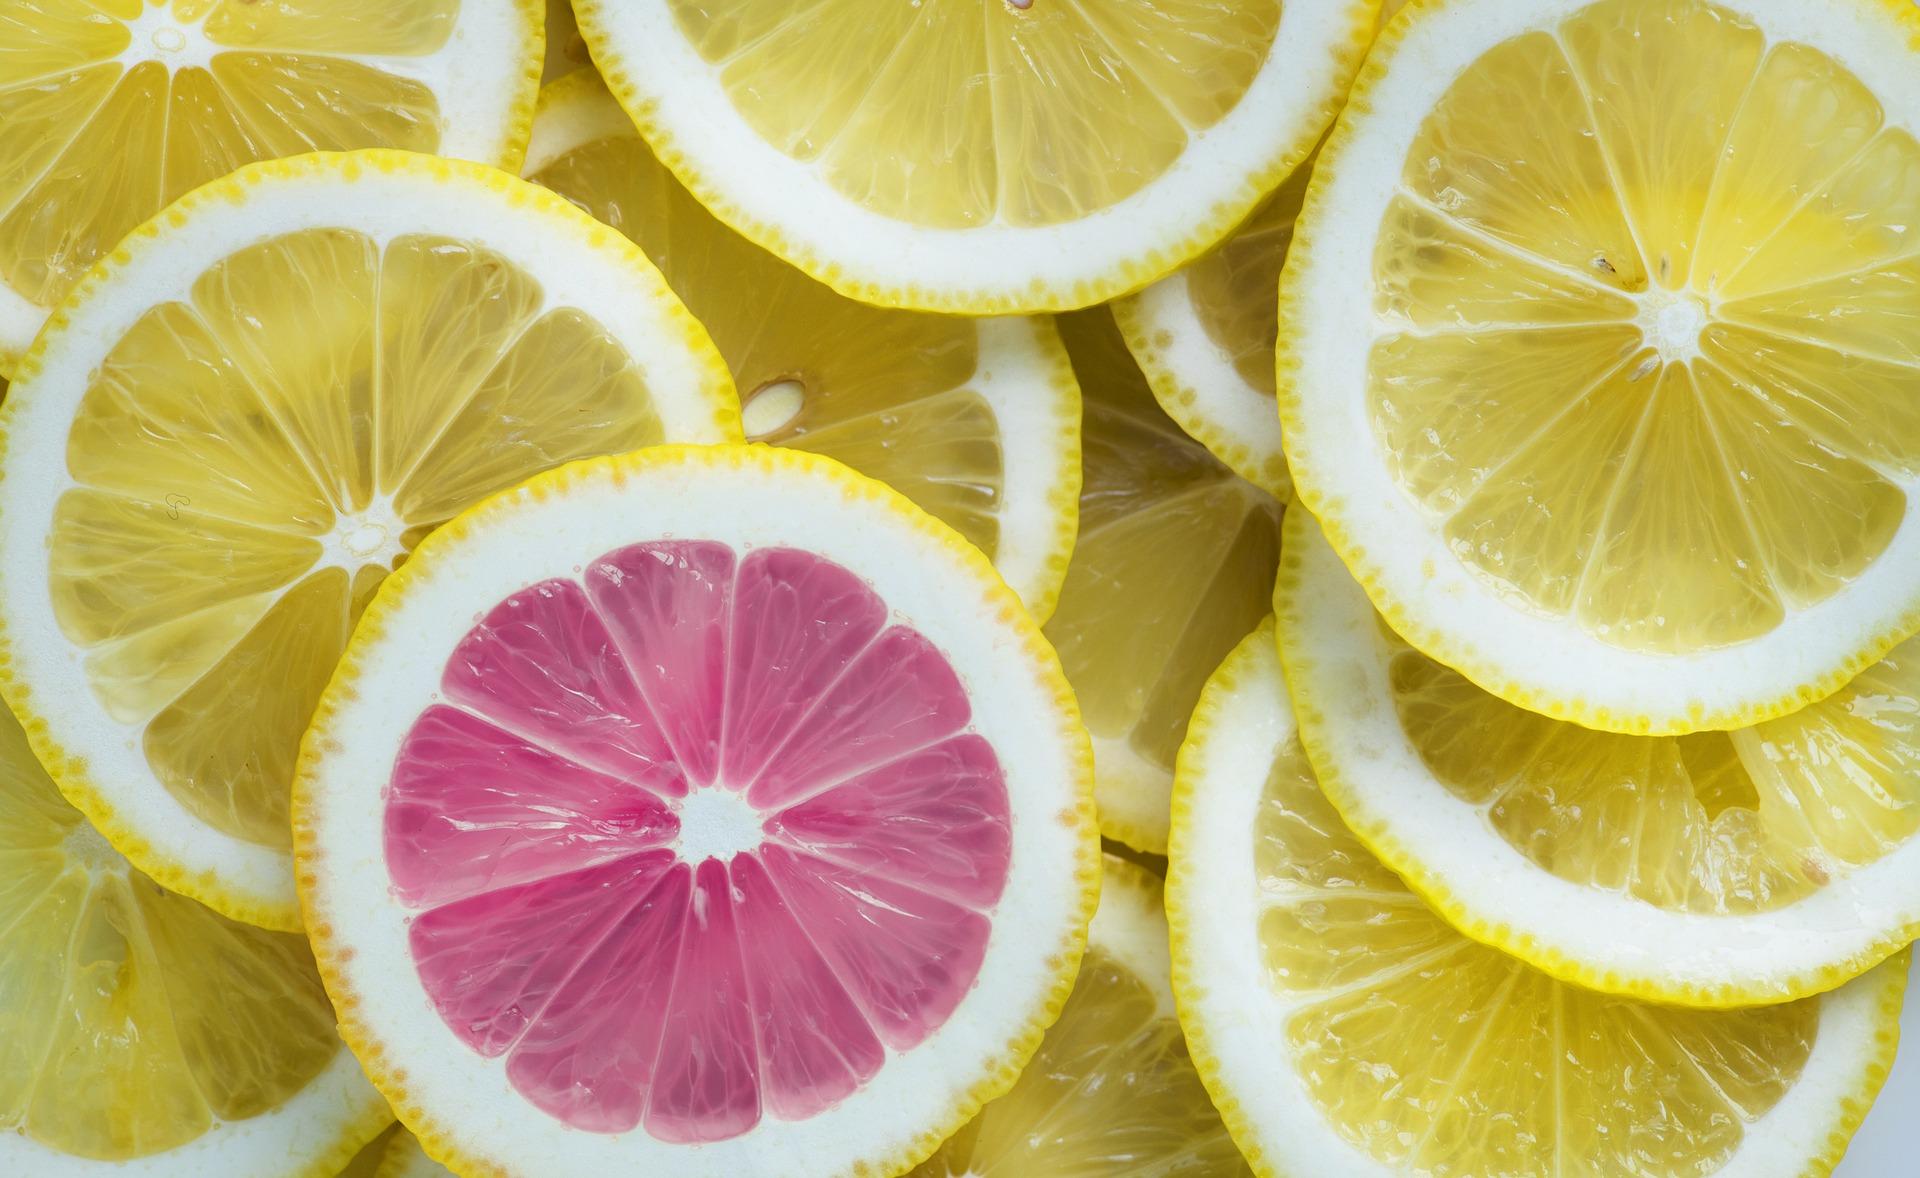 Zitrusfrüchte: Wichtig um den Körper zu entgiften